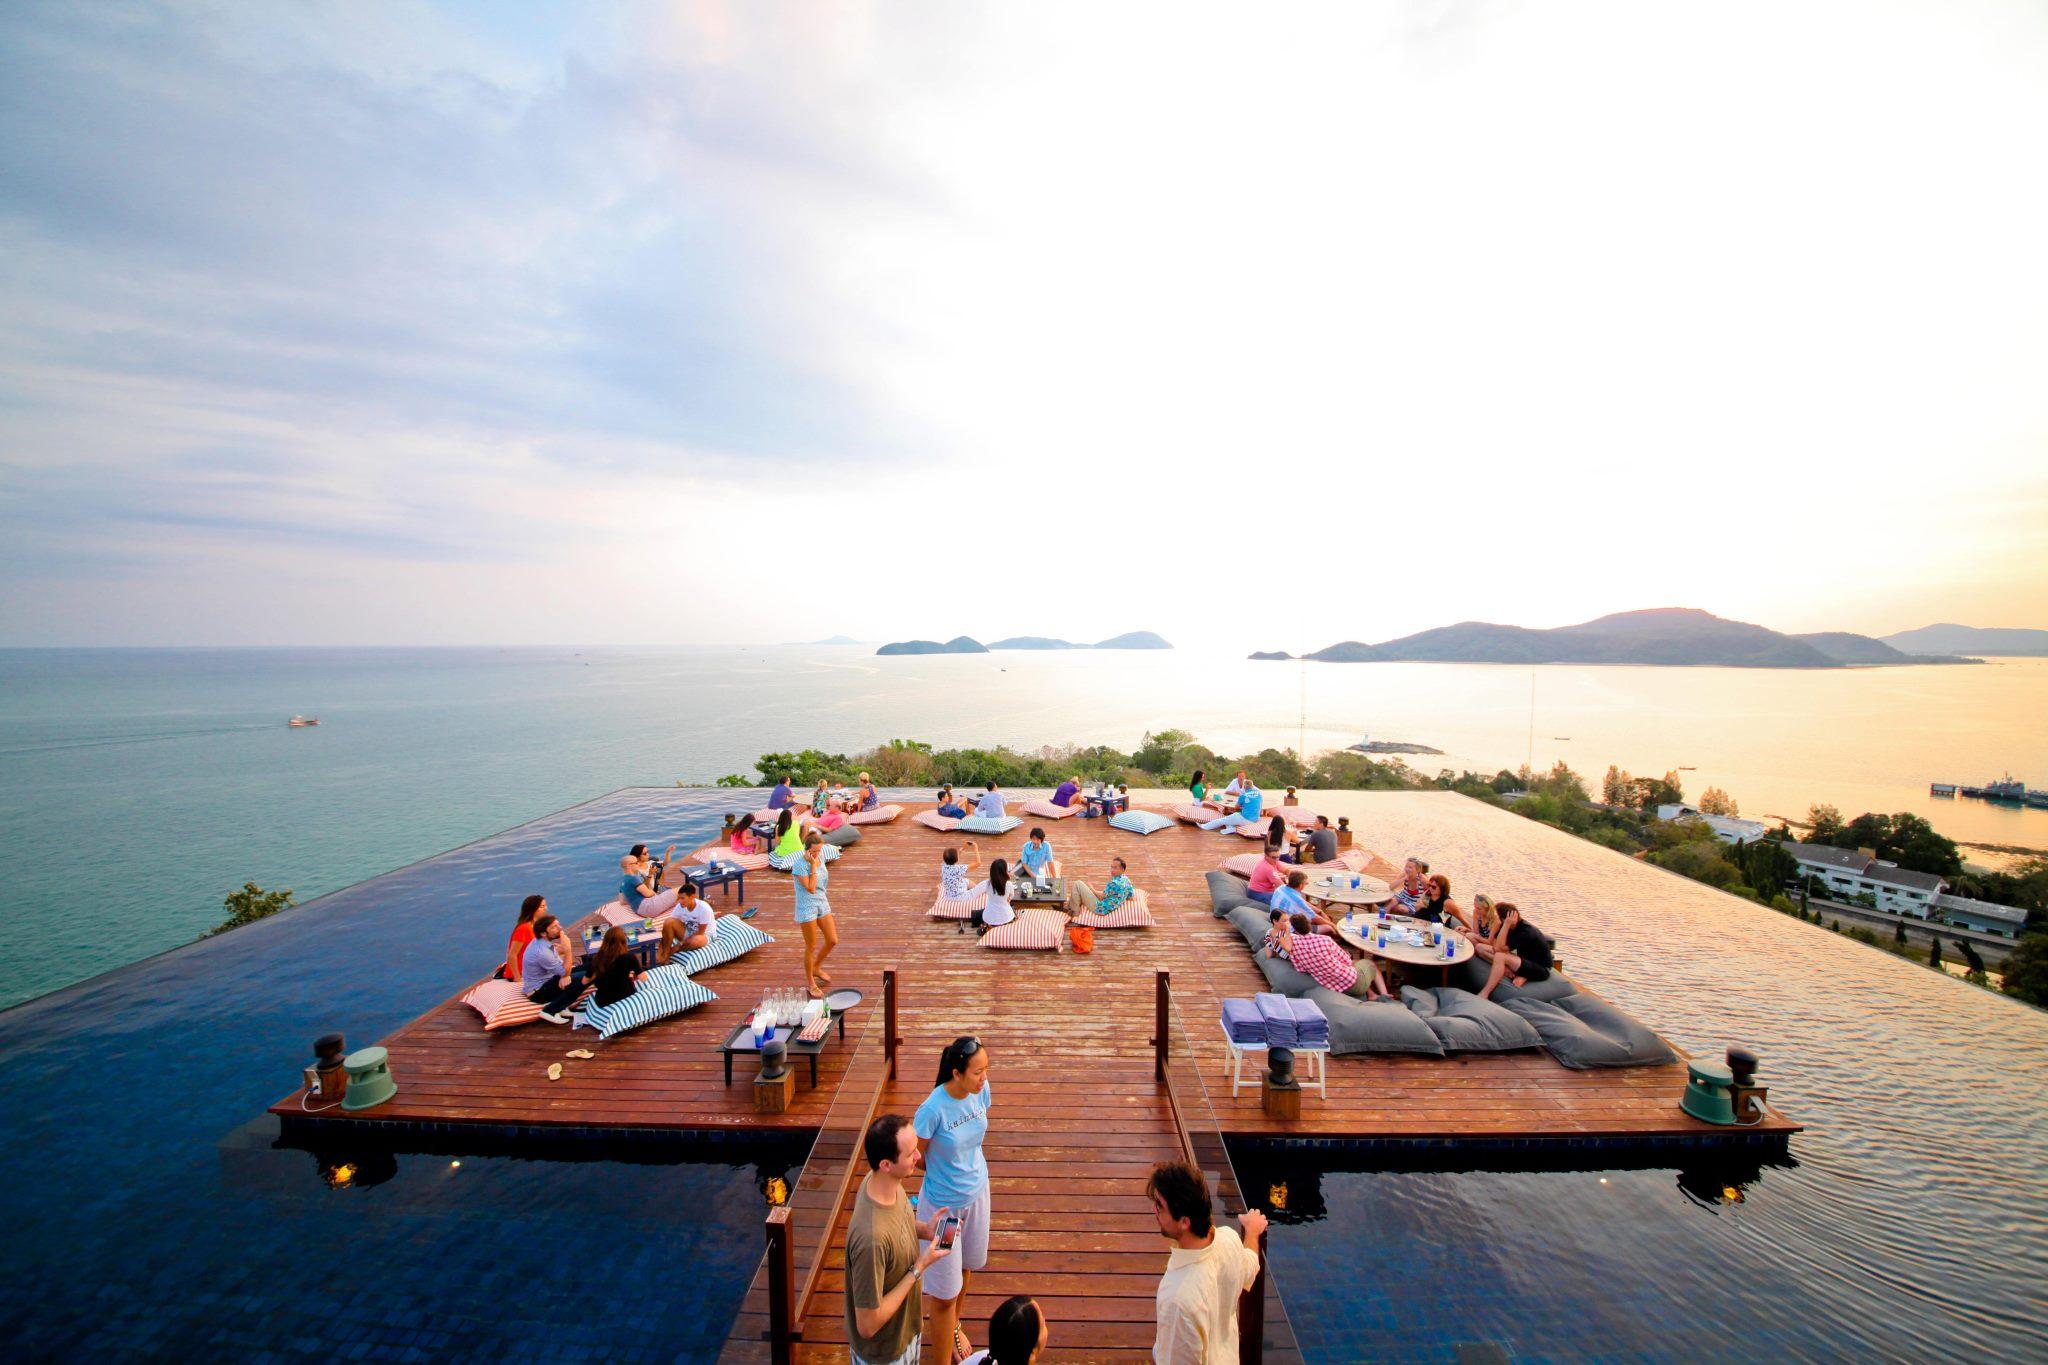 Image source: www.thailandmagazine.com